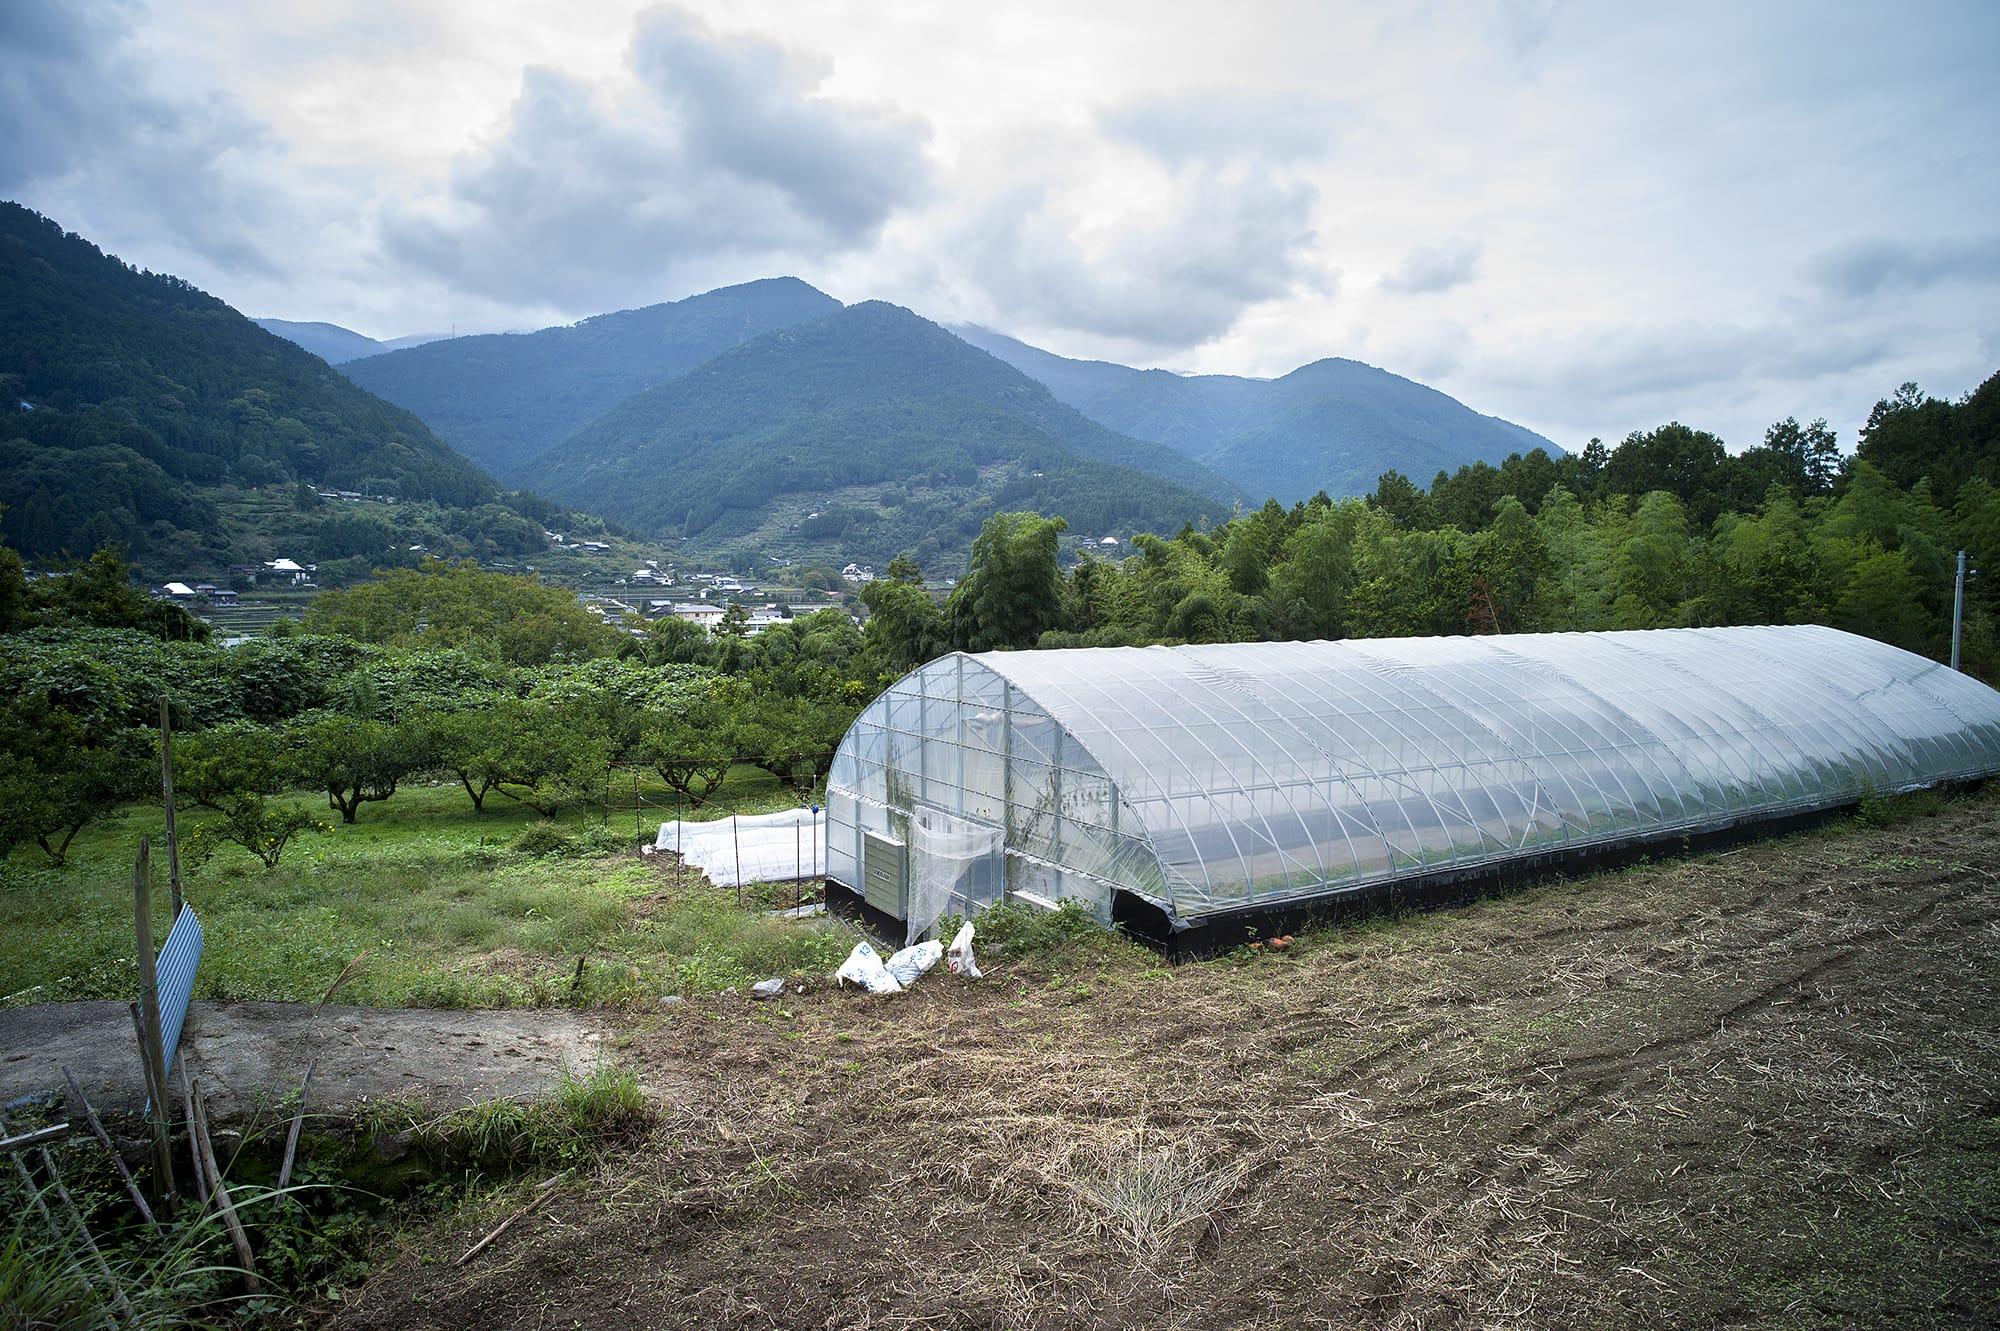 フードハブ・プロジェクト「育てる部門(農業チーム)」と神山町役場が連携して行う実証実験「石がけハ ウス」。神山特有の地形を利用し、石による蓄熱をビニールハウスに利用する試みです。